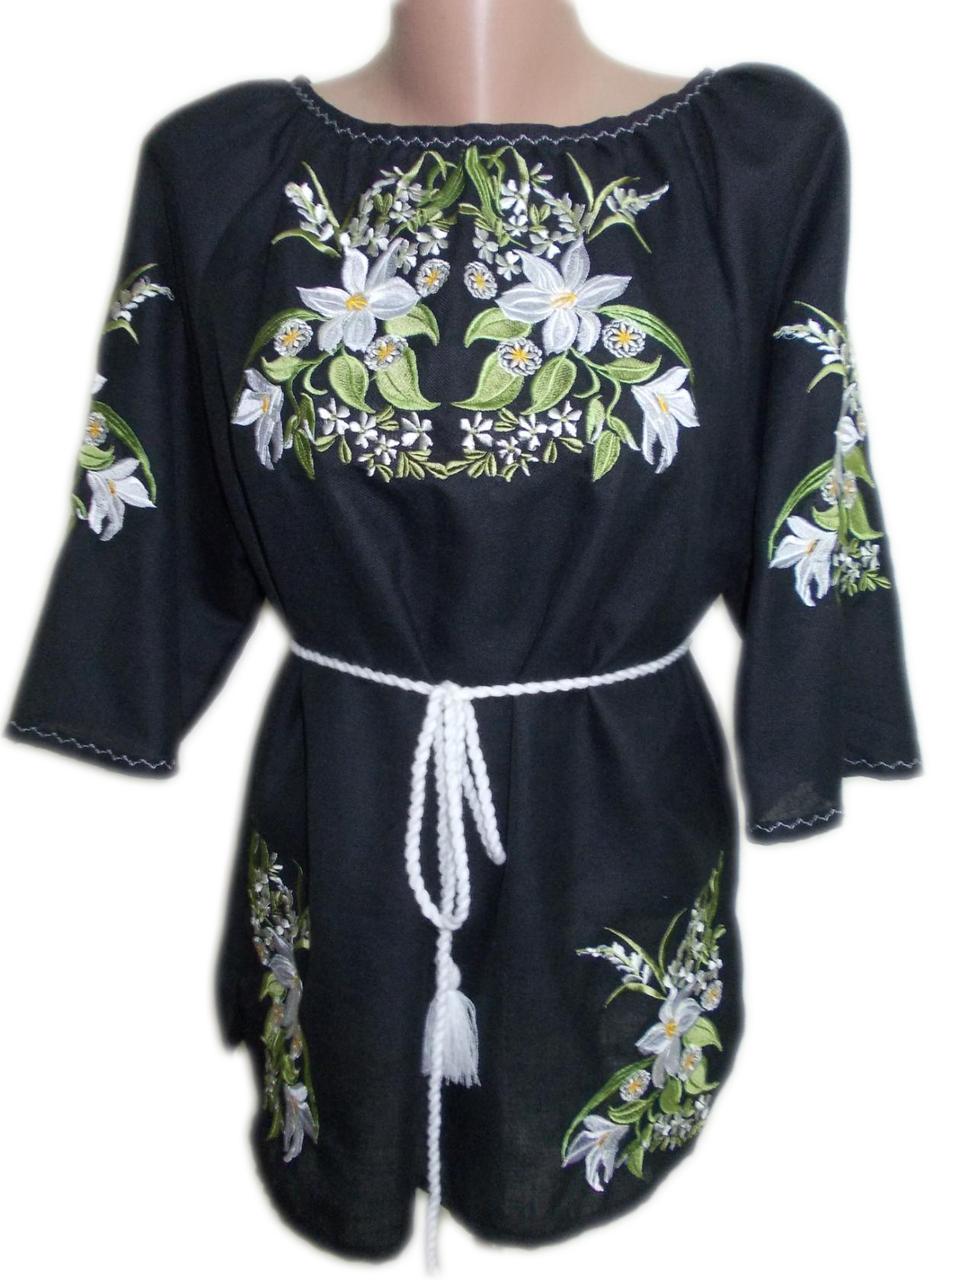 """Жіноча вишита сорочка (блузка) """"Кален"""" (Женская вышитая рубашка (блузка) """"Кален"""") BN-0067"""